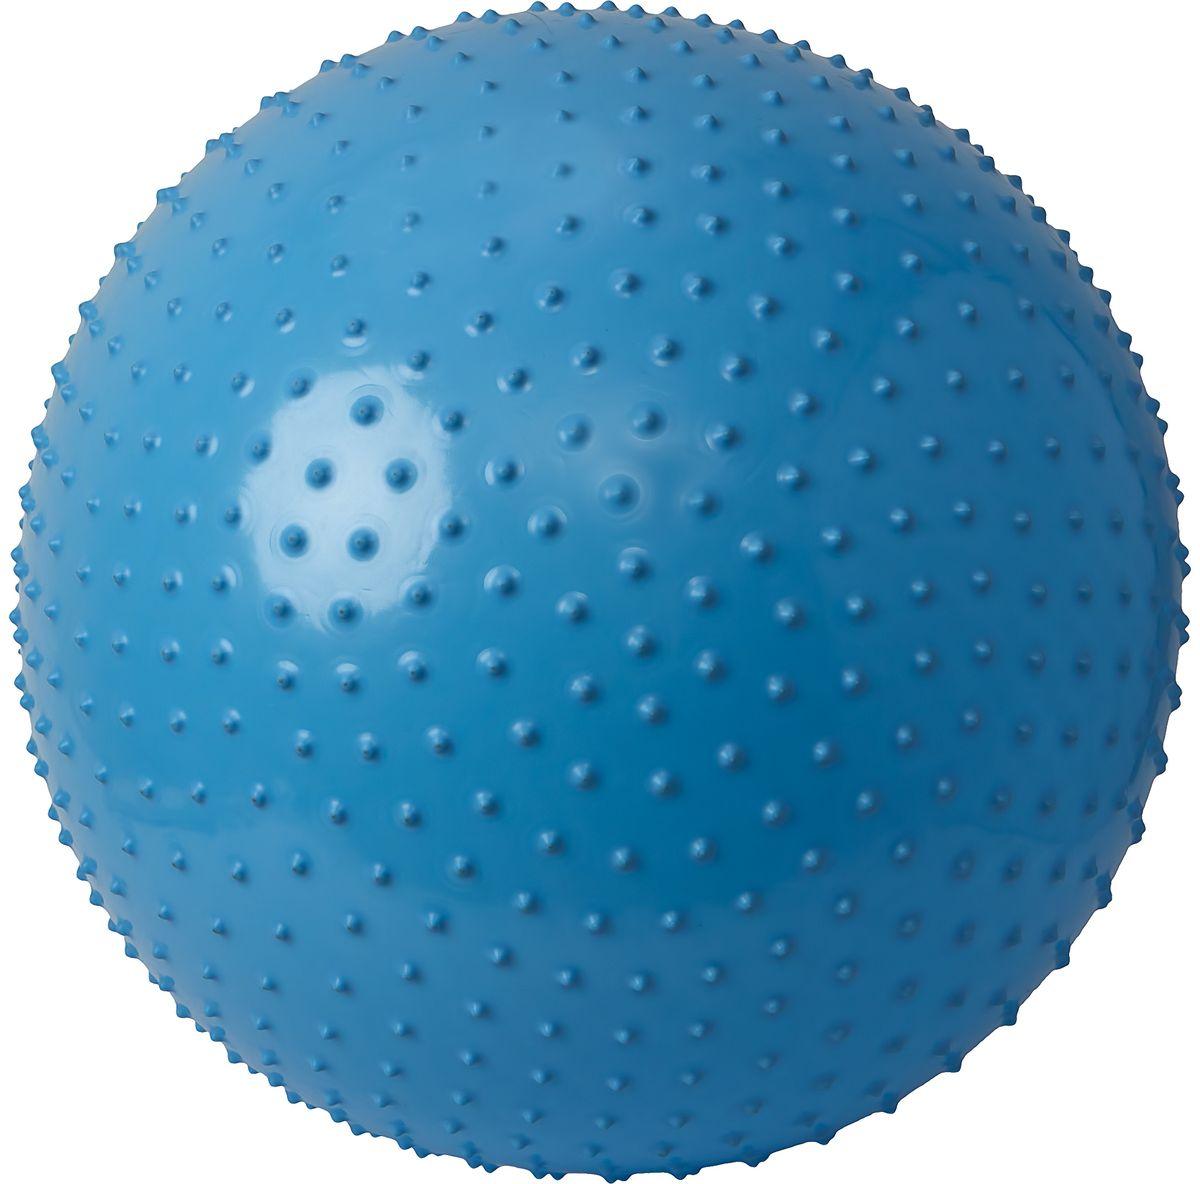 Массажный мяч Torneo, 65 см, с насосом, A-206 surfanic куртка мужская утепленная swy1000 scout 8k l 1032 mighty blue